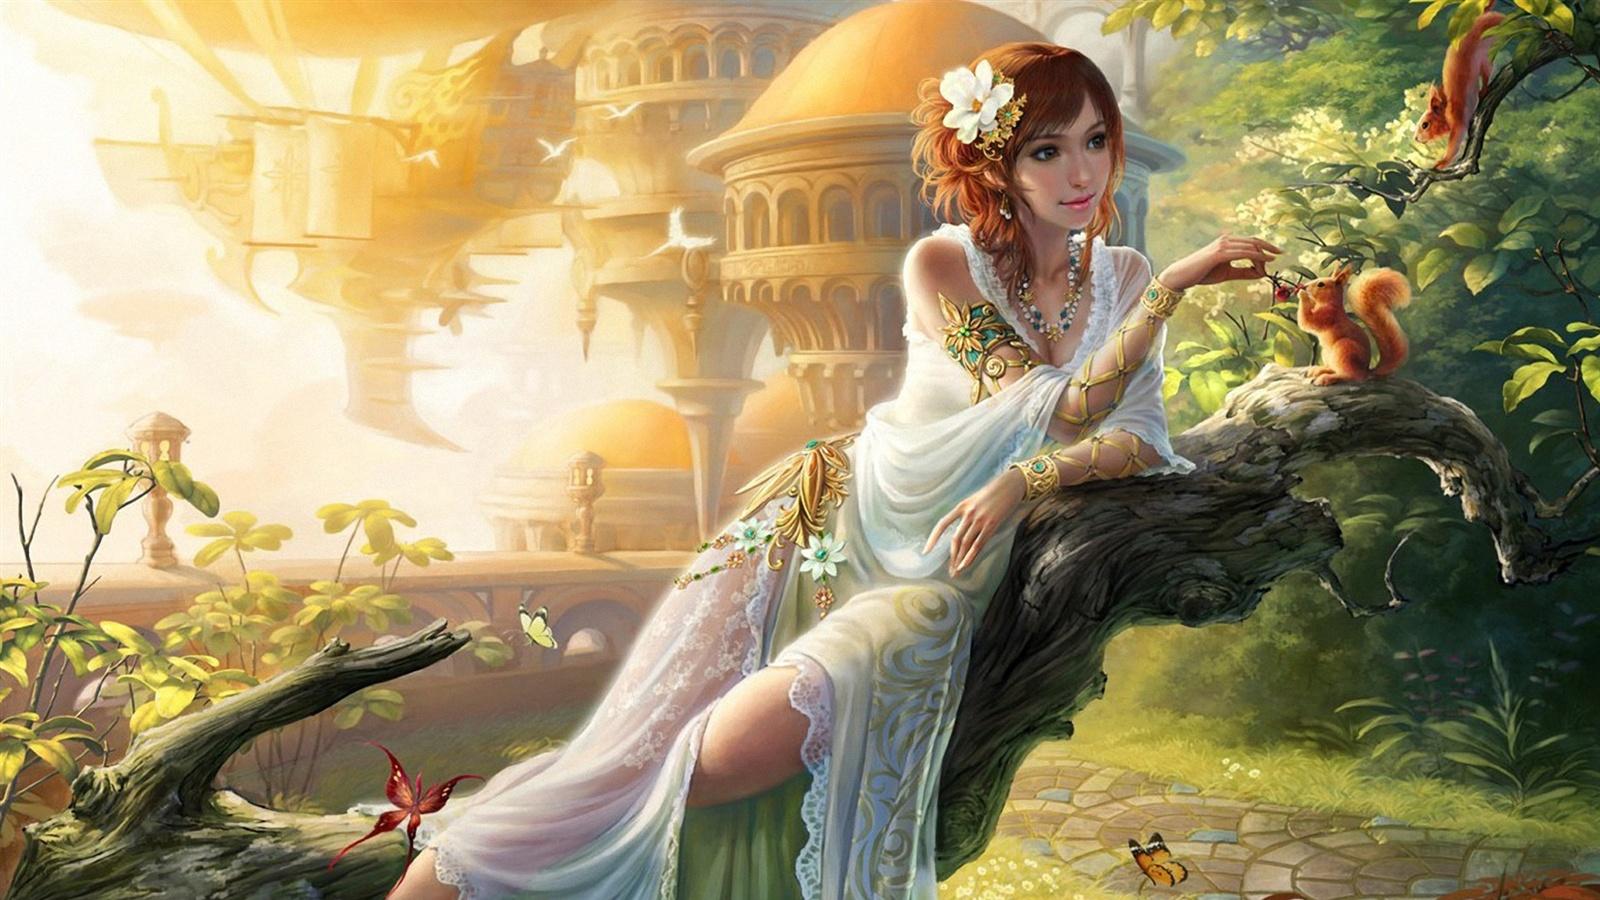 294 Best Fantasy Art 4 Images On Pinterest: Art Fantasy Girl, Fütterung Eichhörnchen, Garten